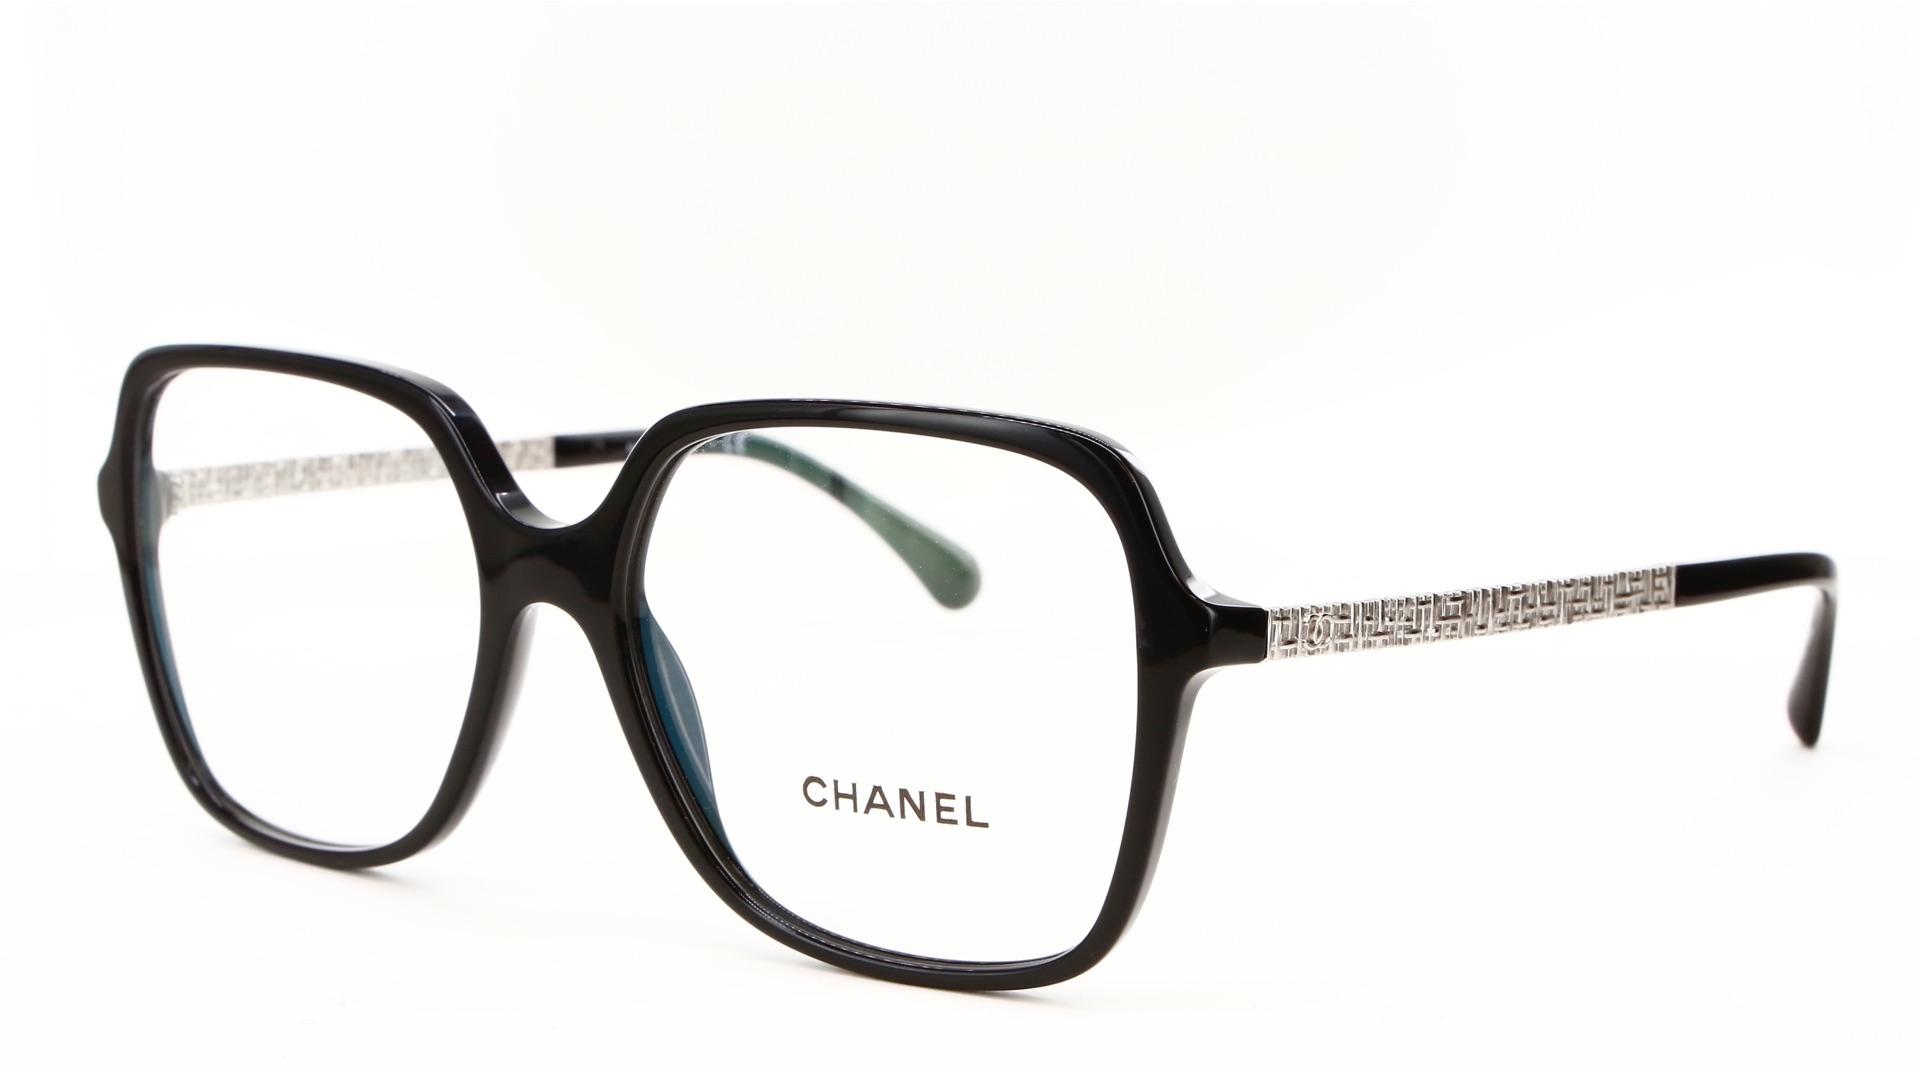 Chanel - ref: 79236